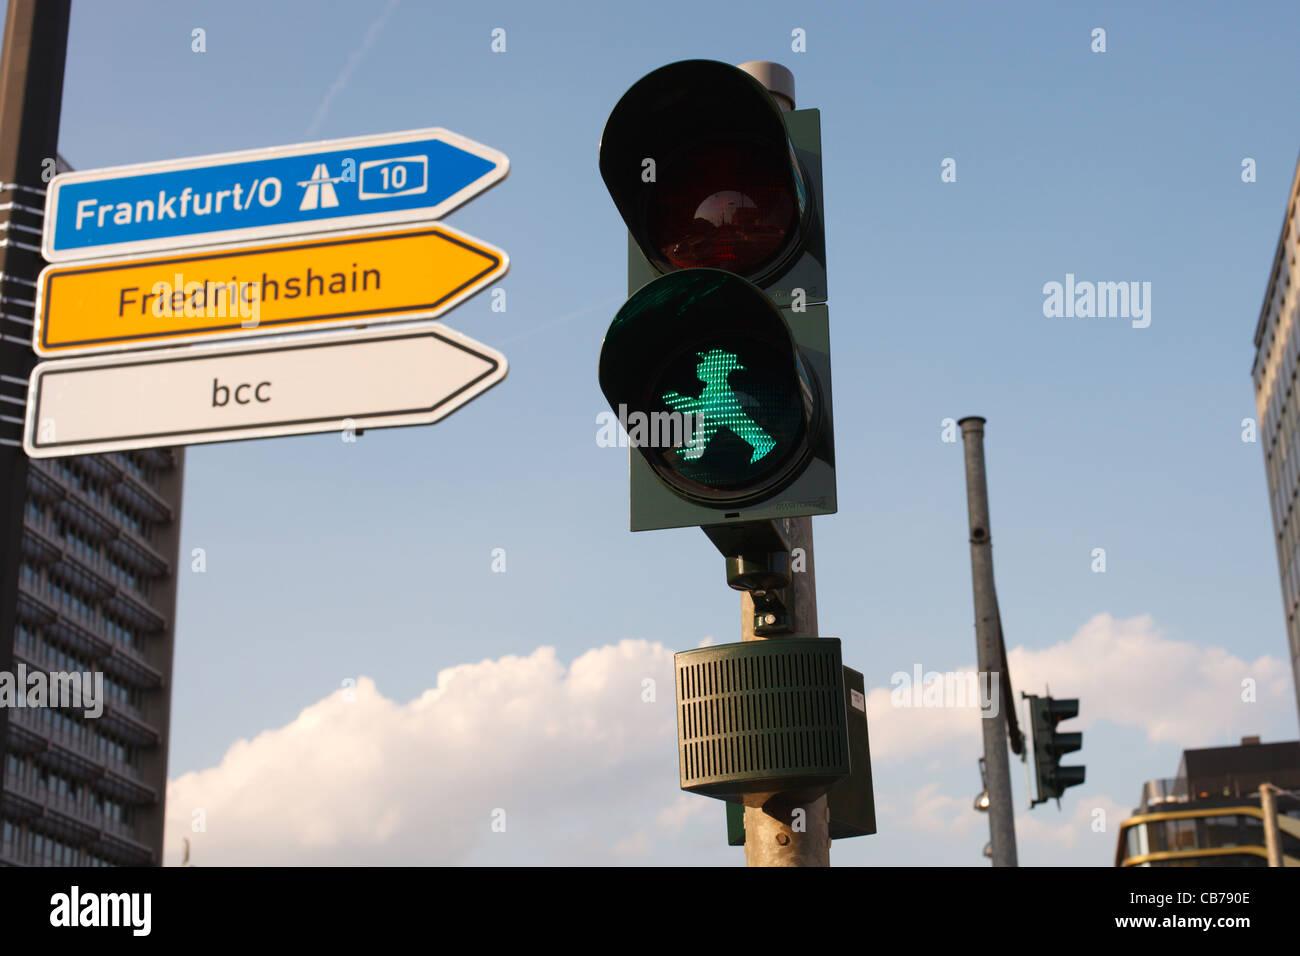 Ein unverwechselbares und etwas frech DDR Stil Fußgängerzone zu Fuß Symbol (Ampelmannchen) in Berlin, Deutschland. Stockfoto